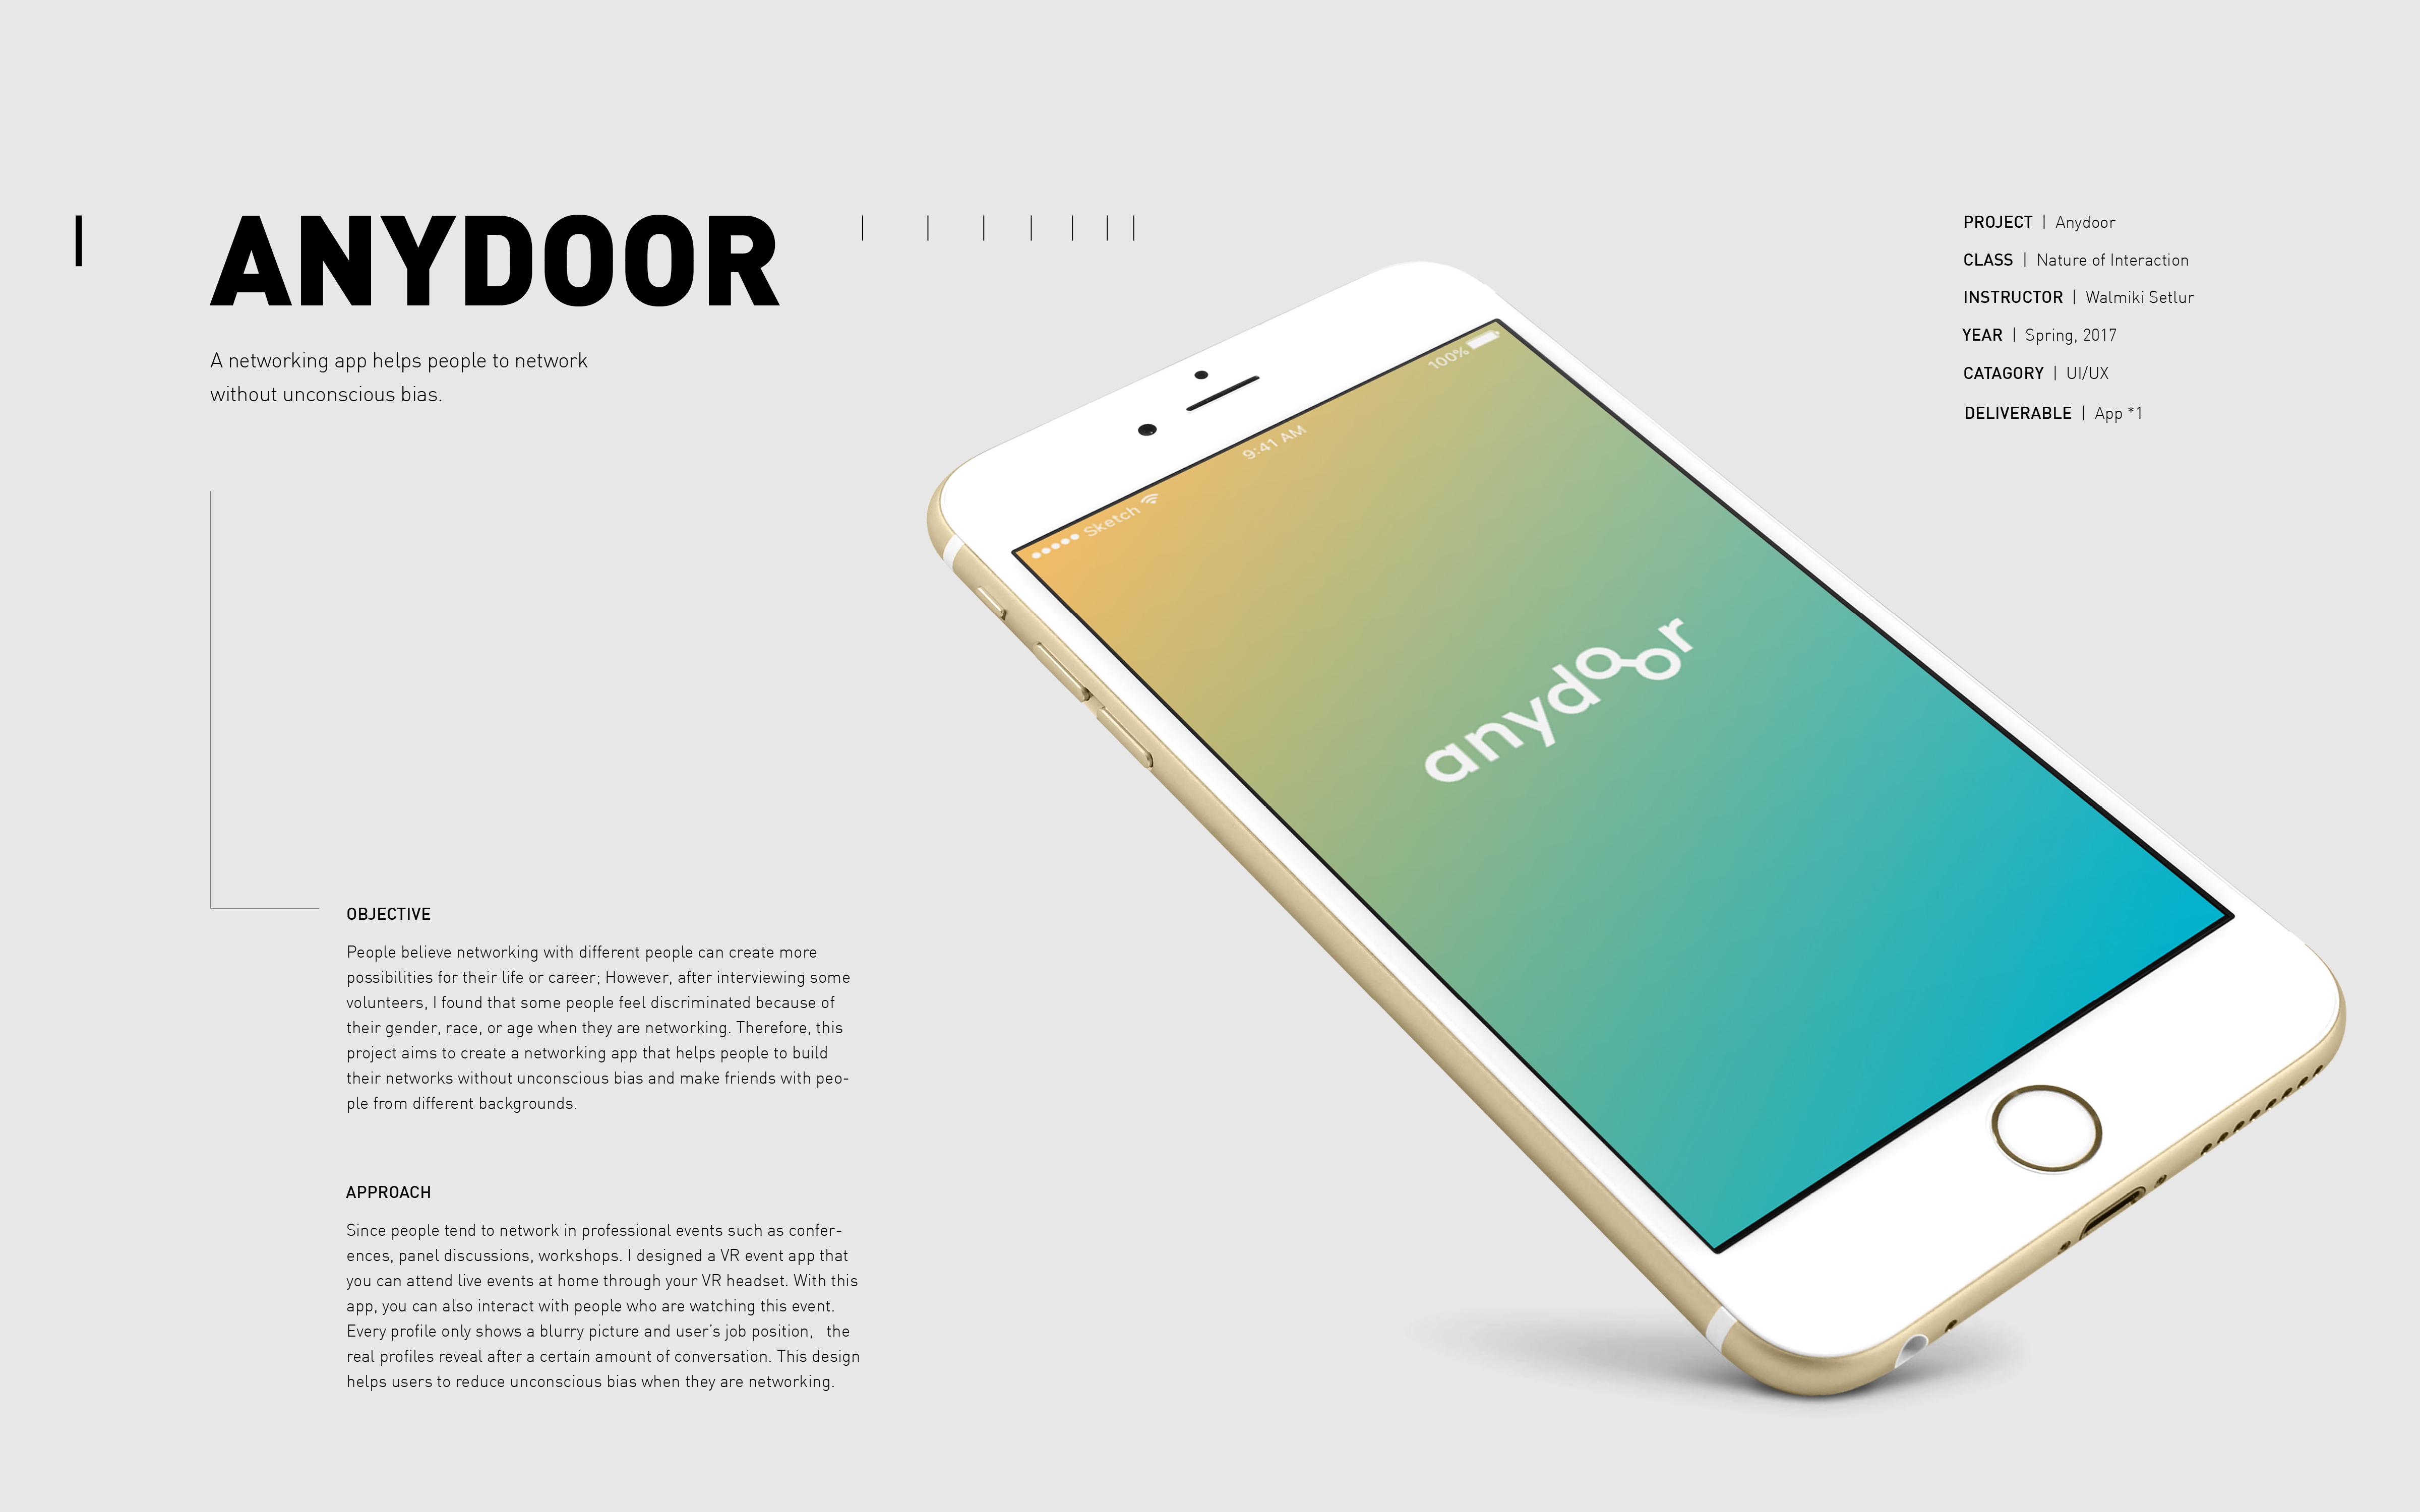 Anydoor